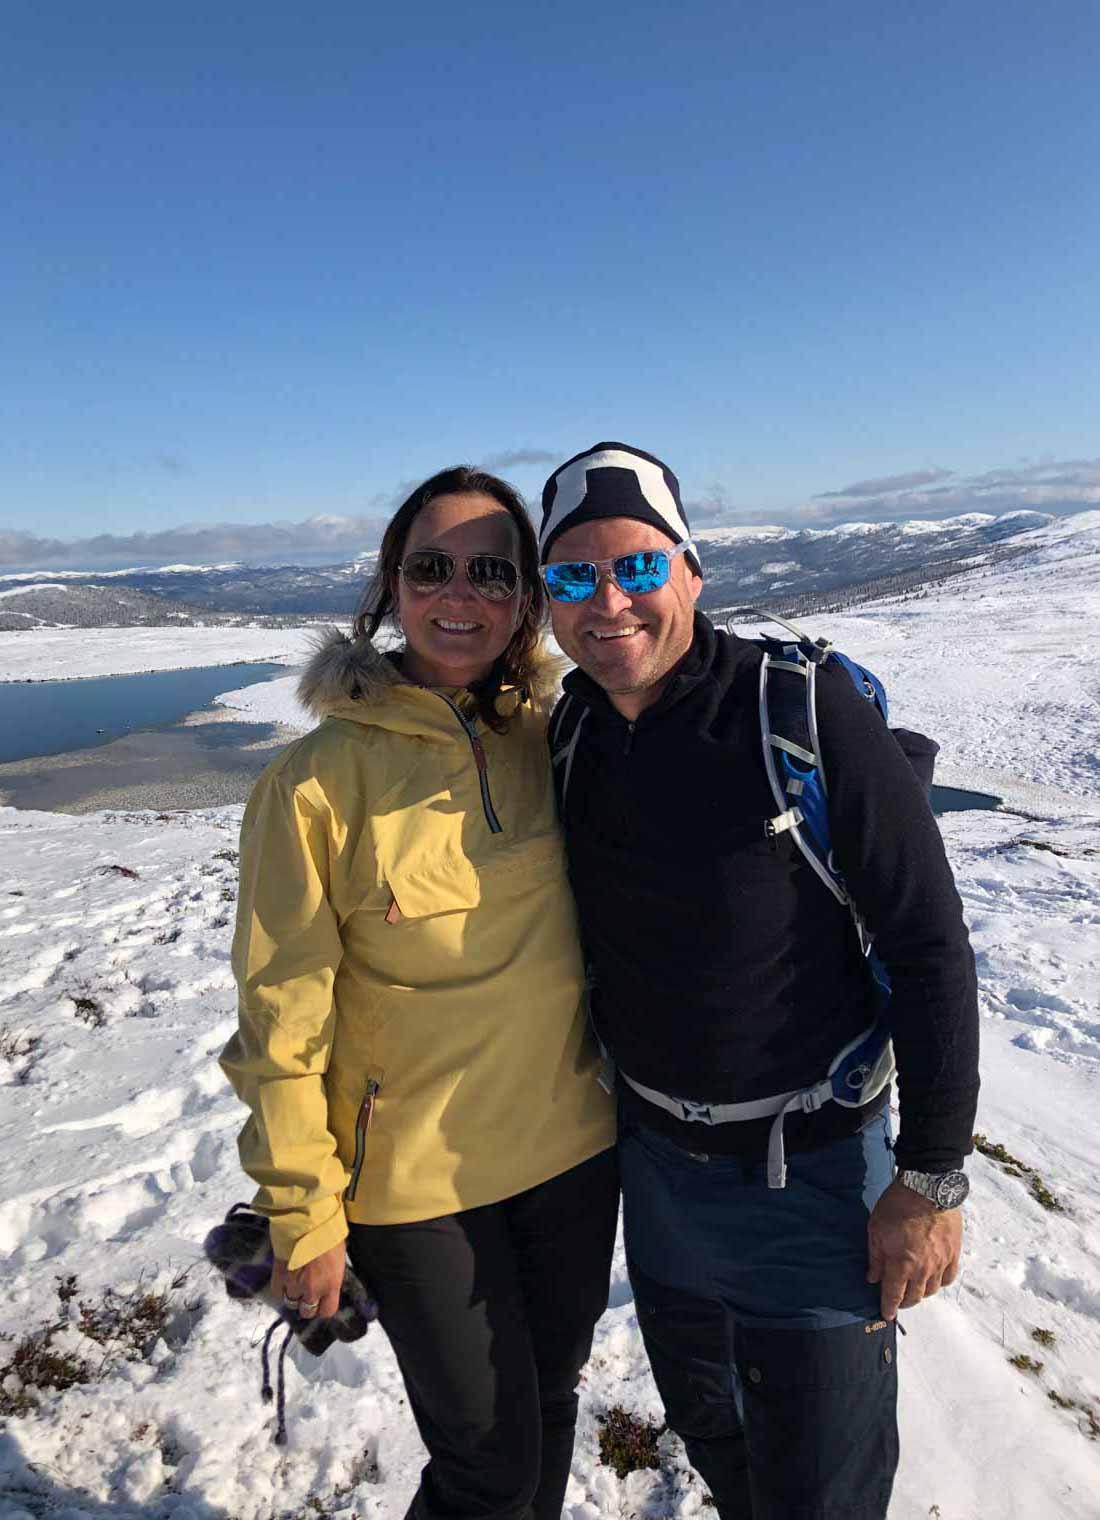 Portrett av to personer i strålende sol i det norske vinterfjellet